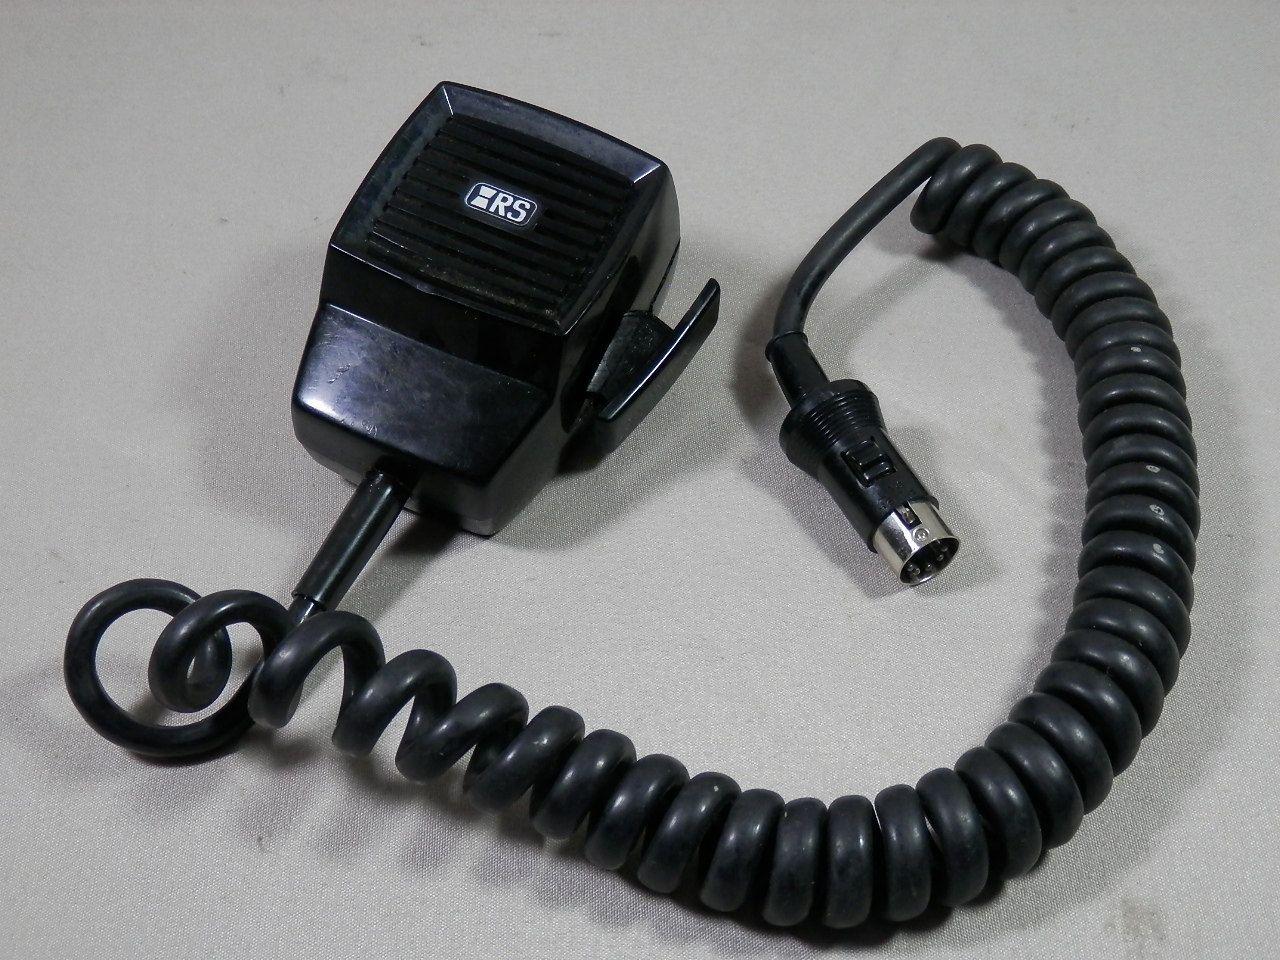 radio shack cb radio mic wiring [ 1280 x 960 Pixel ]